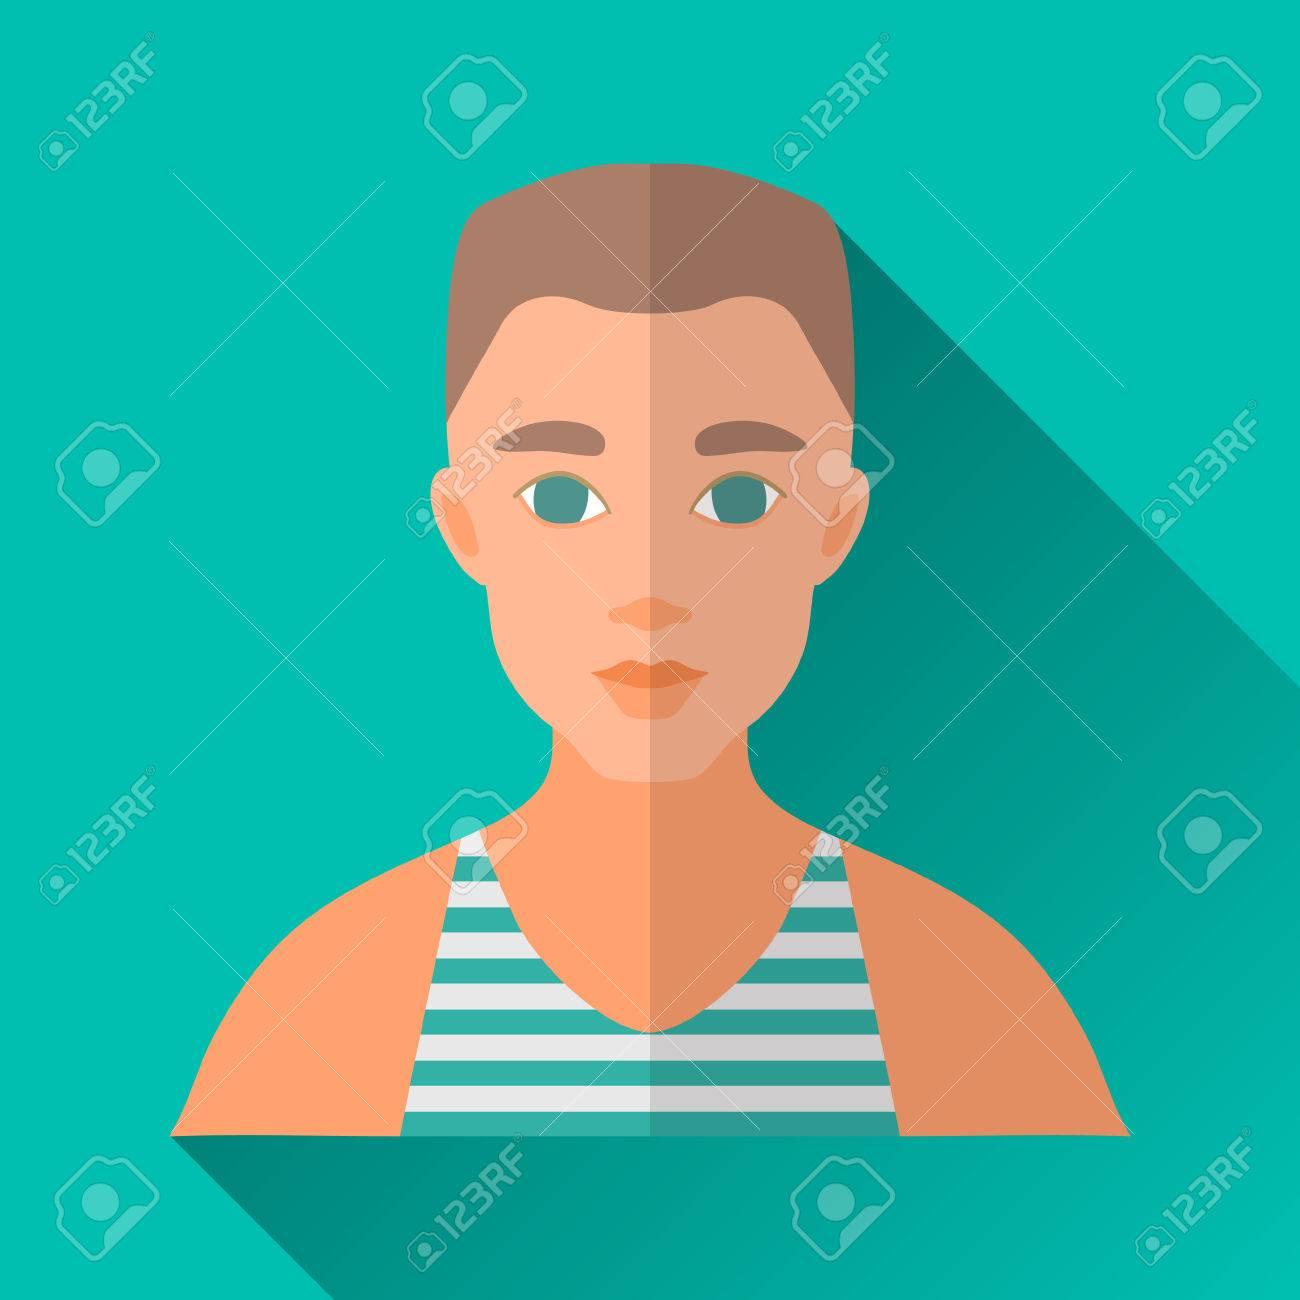 Turquoise Blue Square de style plate forme icône de personnage masculin avec l'ombre. Illustration d'un jeune homme avec coupe élégante vêtue d'une